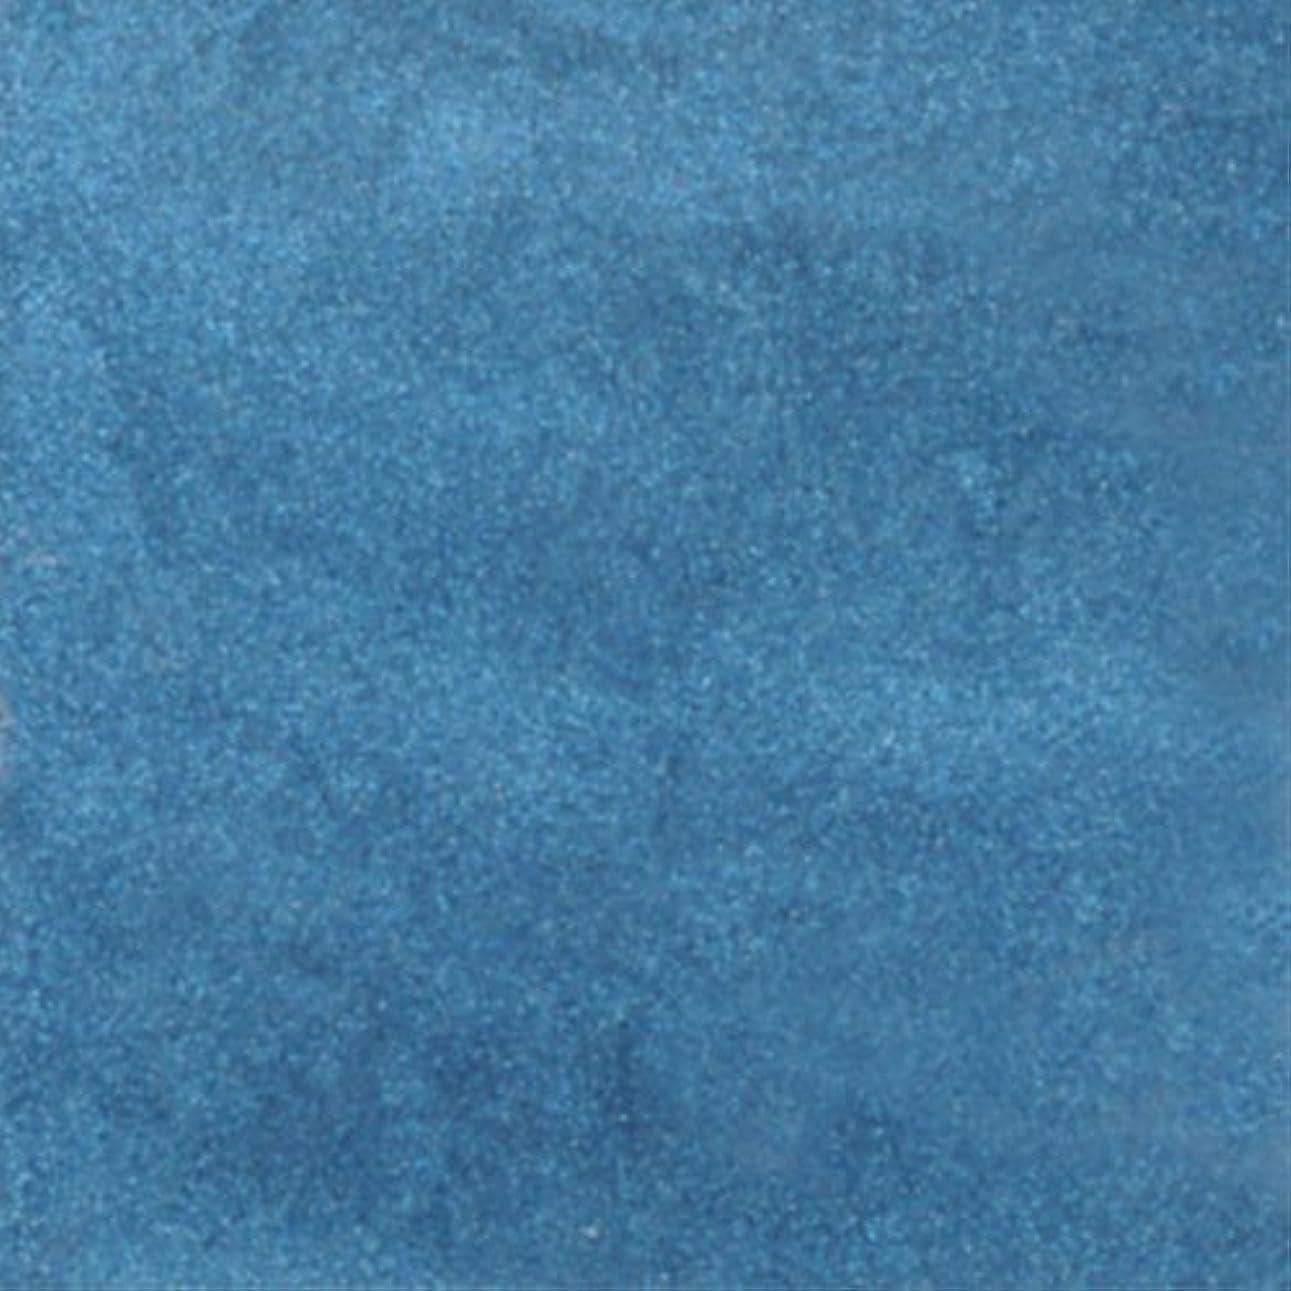 段落負荷基礎ピカエース ネイル用パウダー ピカエース シャインパウダー #813 藍色 0.25g アート材